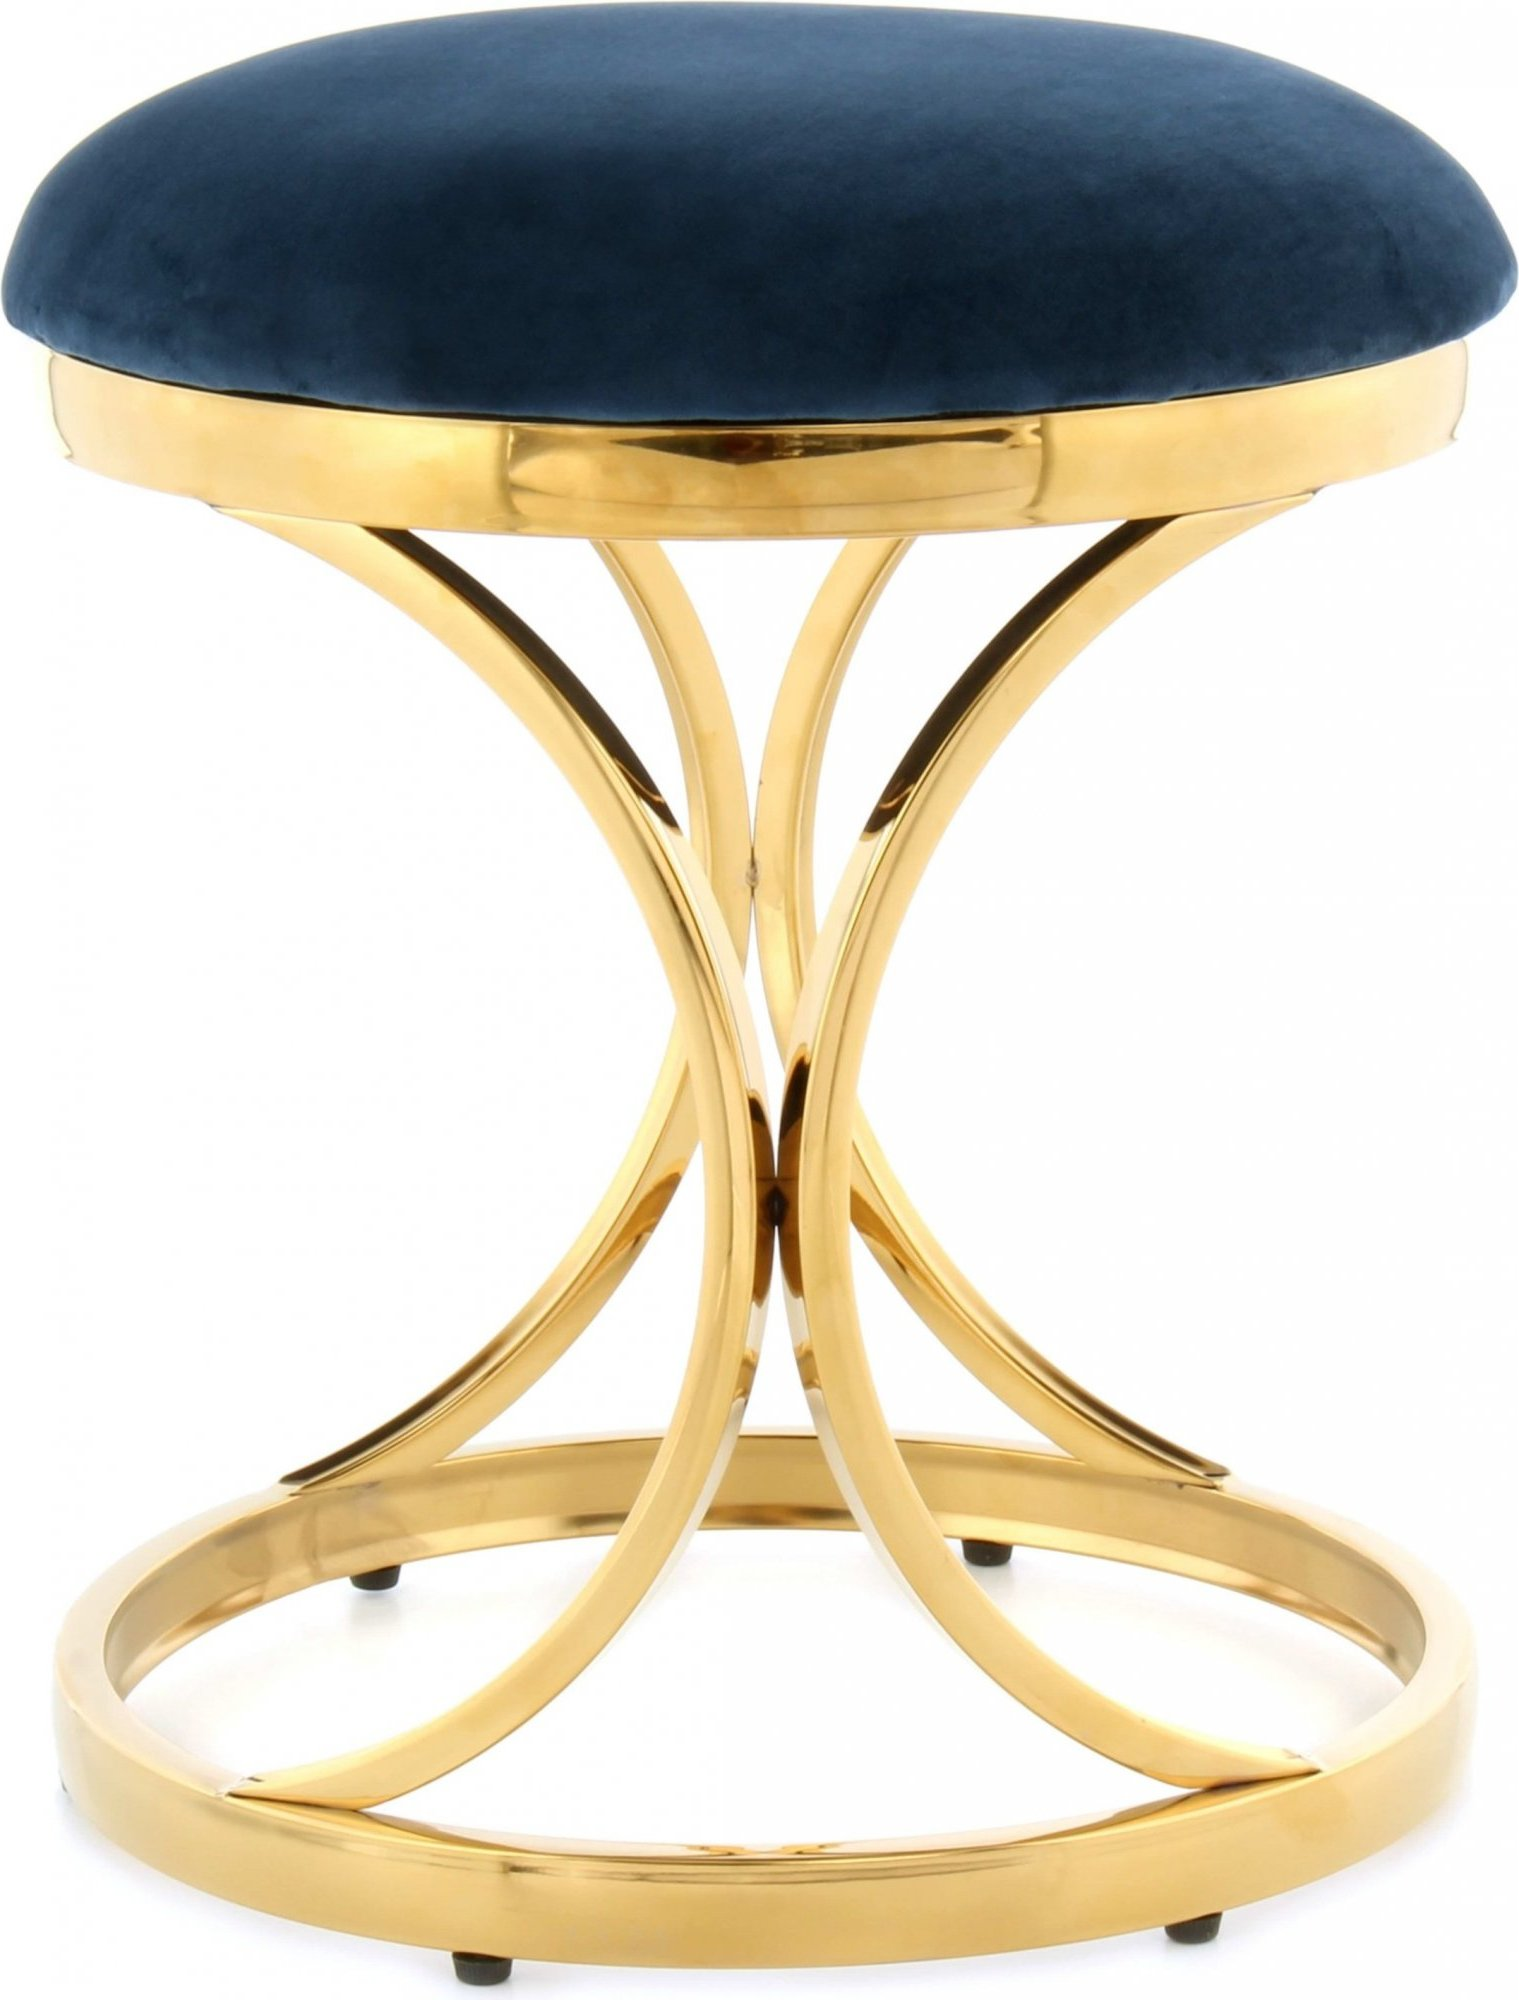 Tabouret rembourré pietement doré assise bleu h49cm